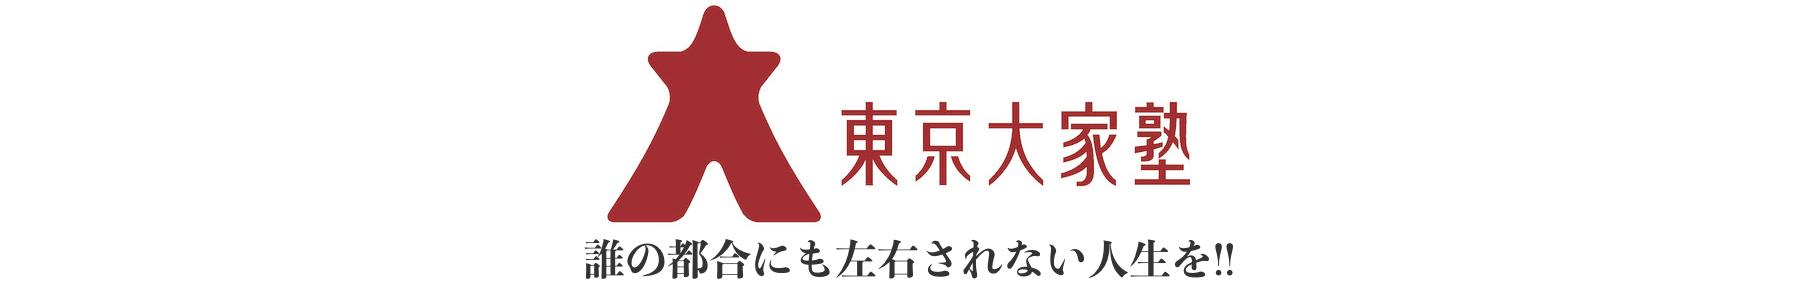 東京大家塾   誰の都合にも左右されない人生を!!